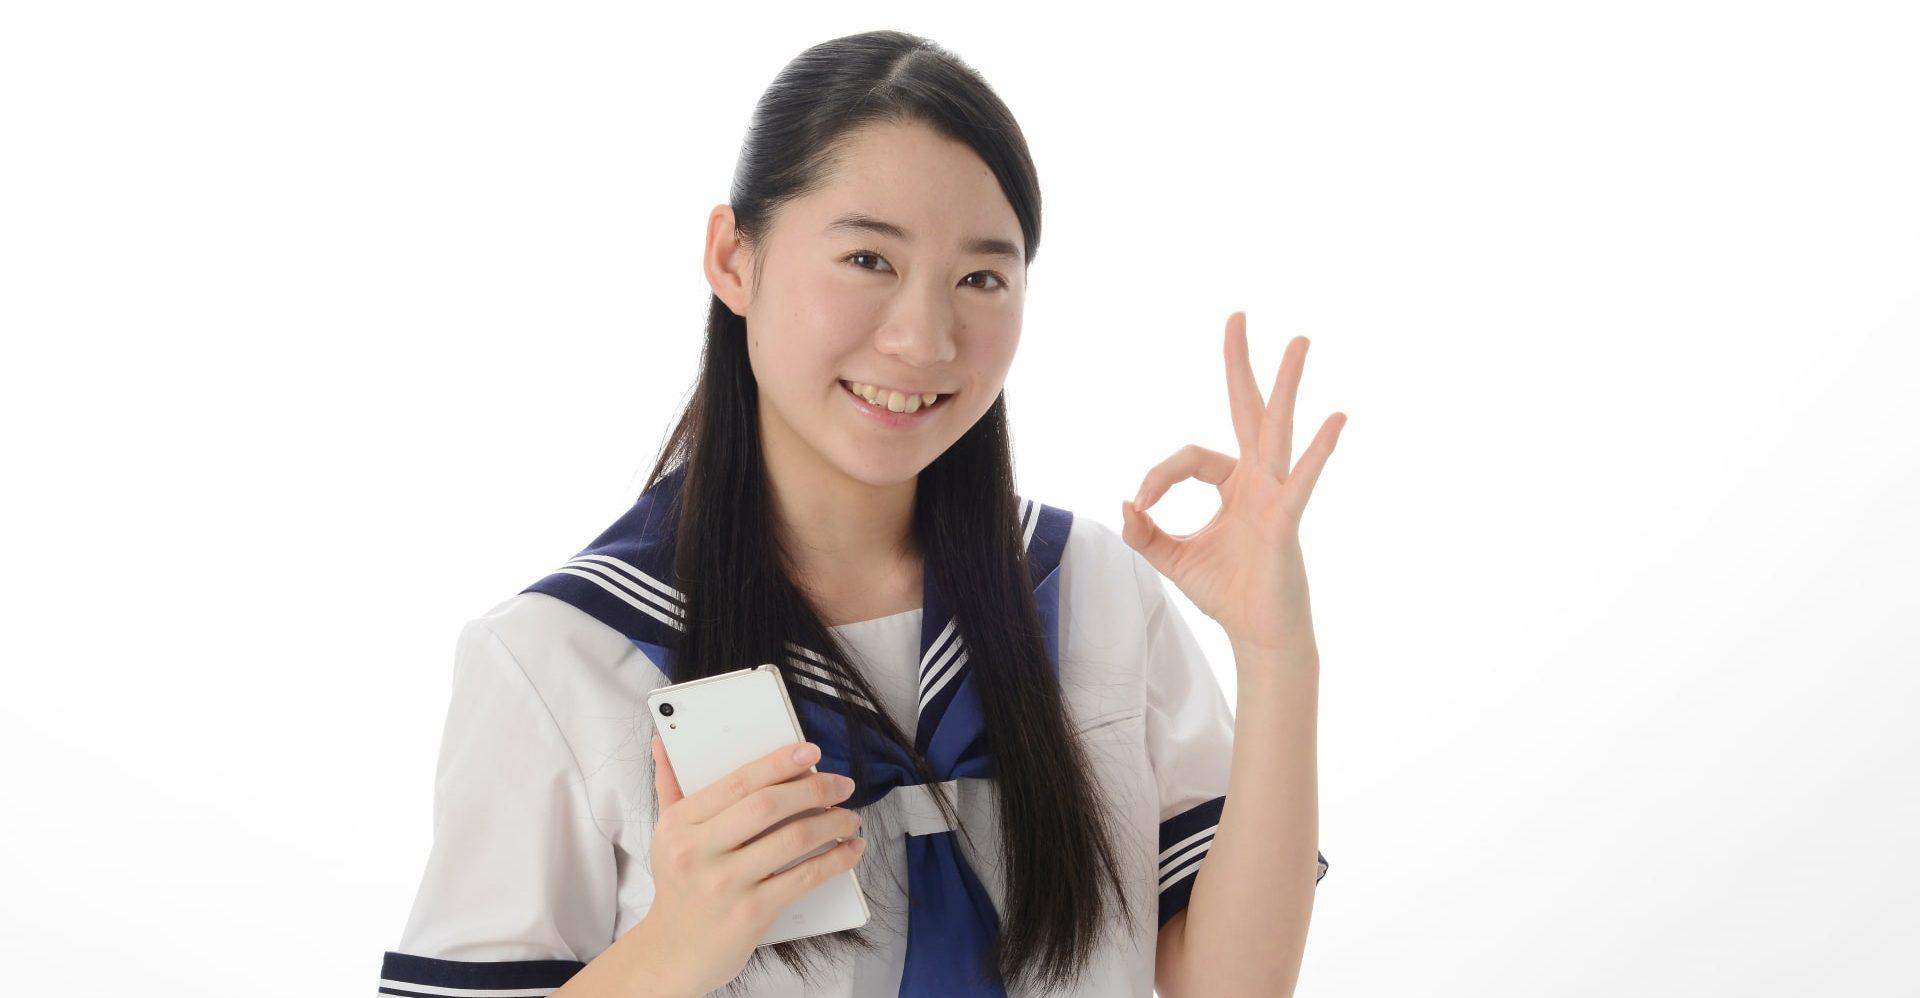 デビットカードは学生でも持てる